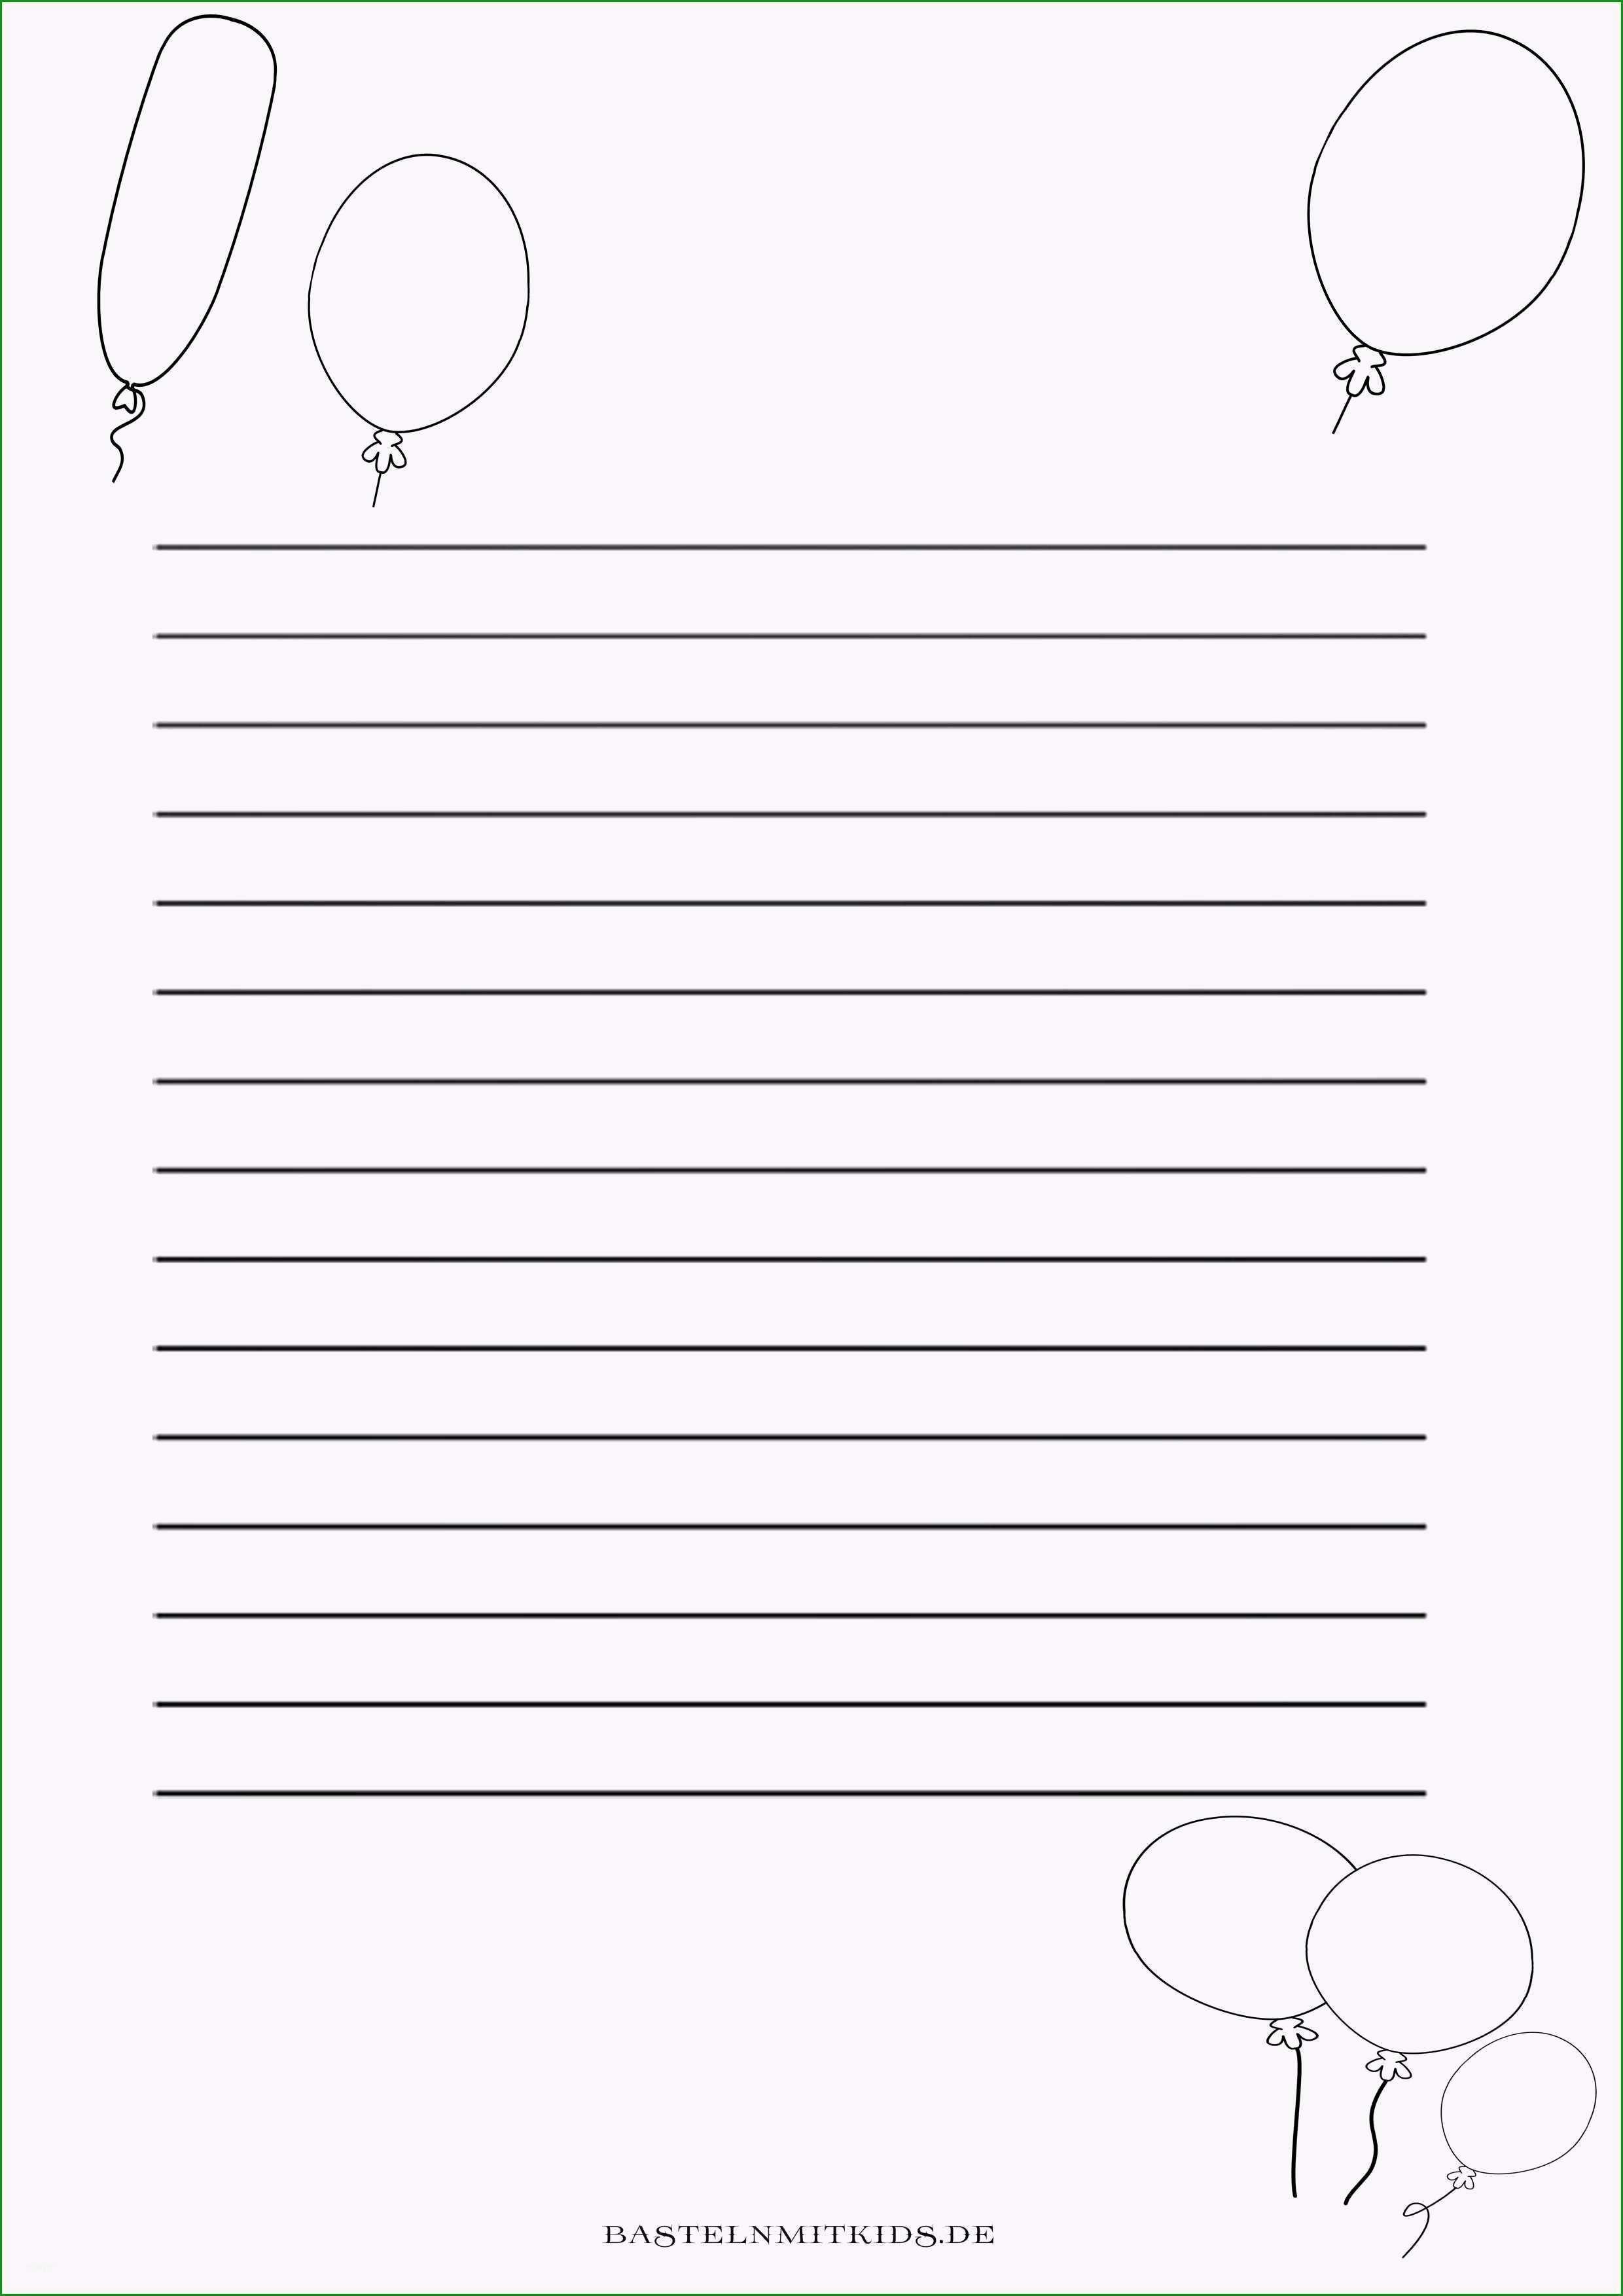 briefpapier drucken vorlage grosen malvorlagen und briefpapier innen briefpapier drucken kostenlos